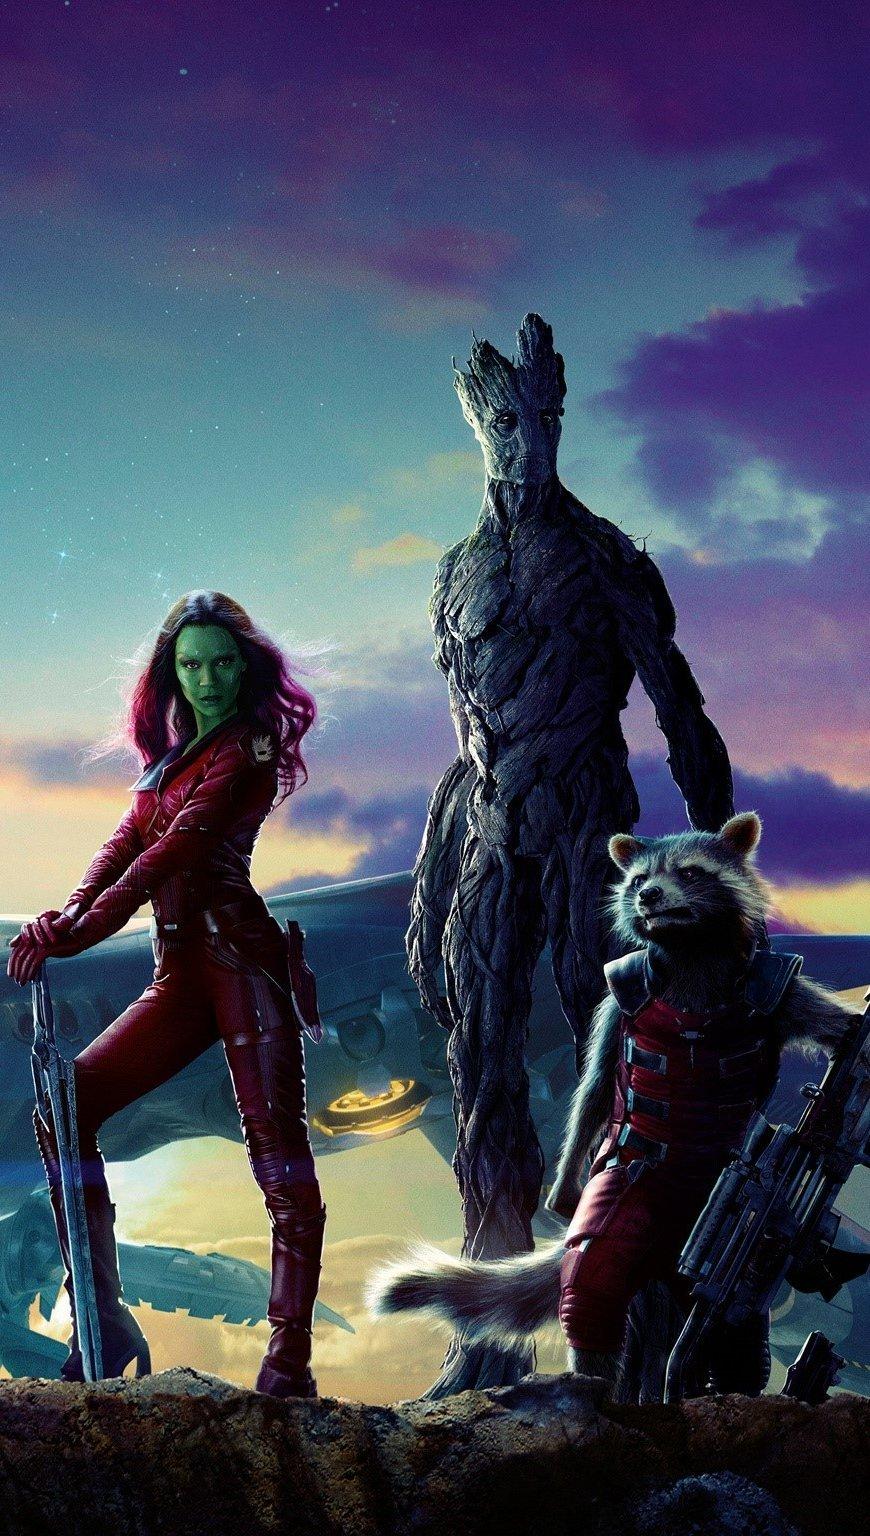 Fondos de pantalla Película Guardianes de la galaxia Vertical